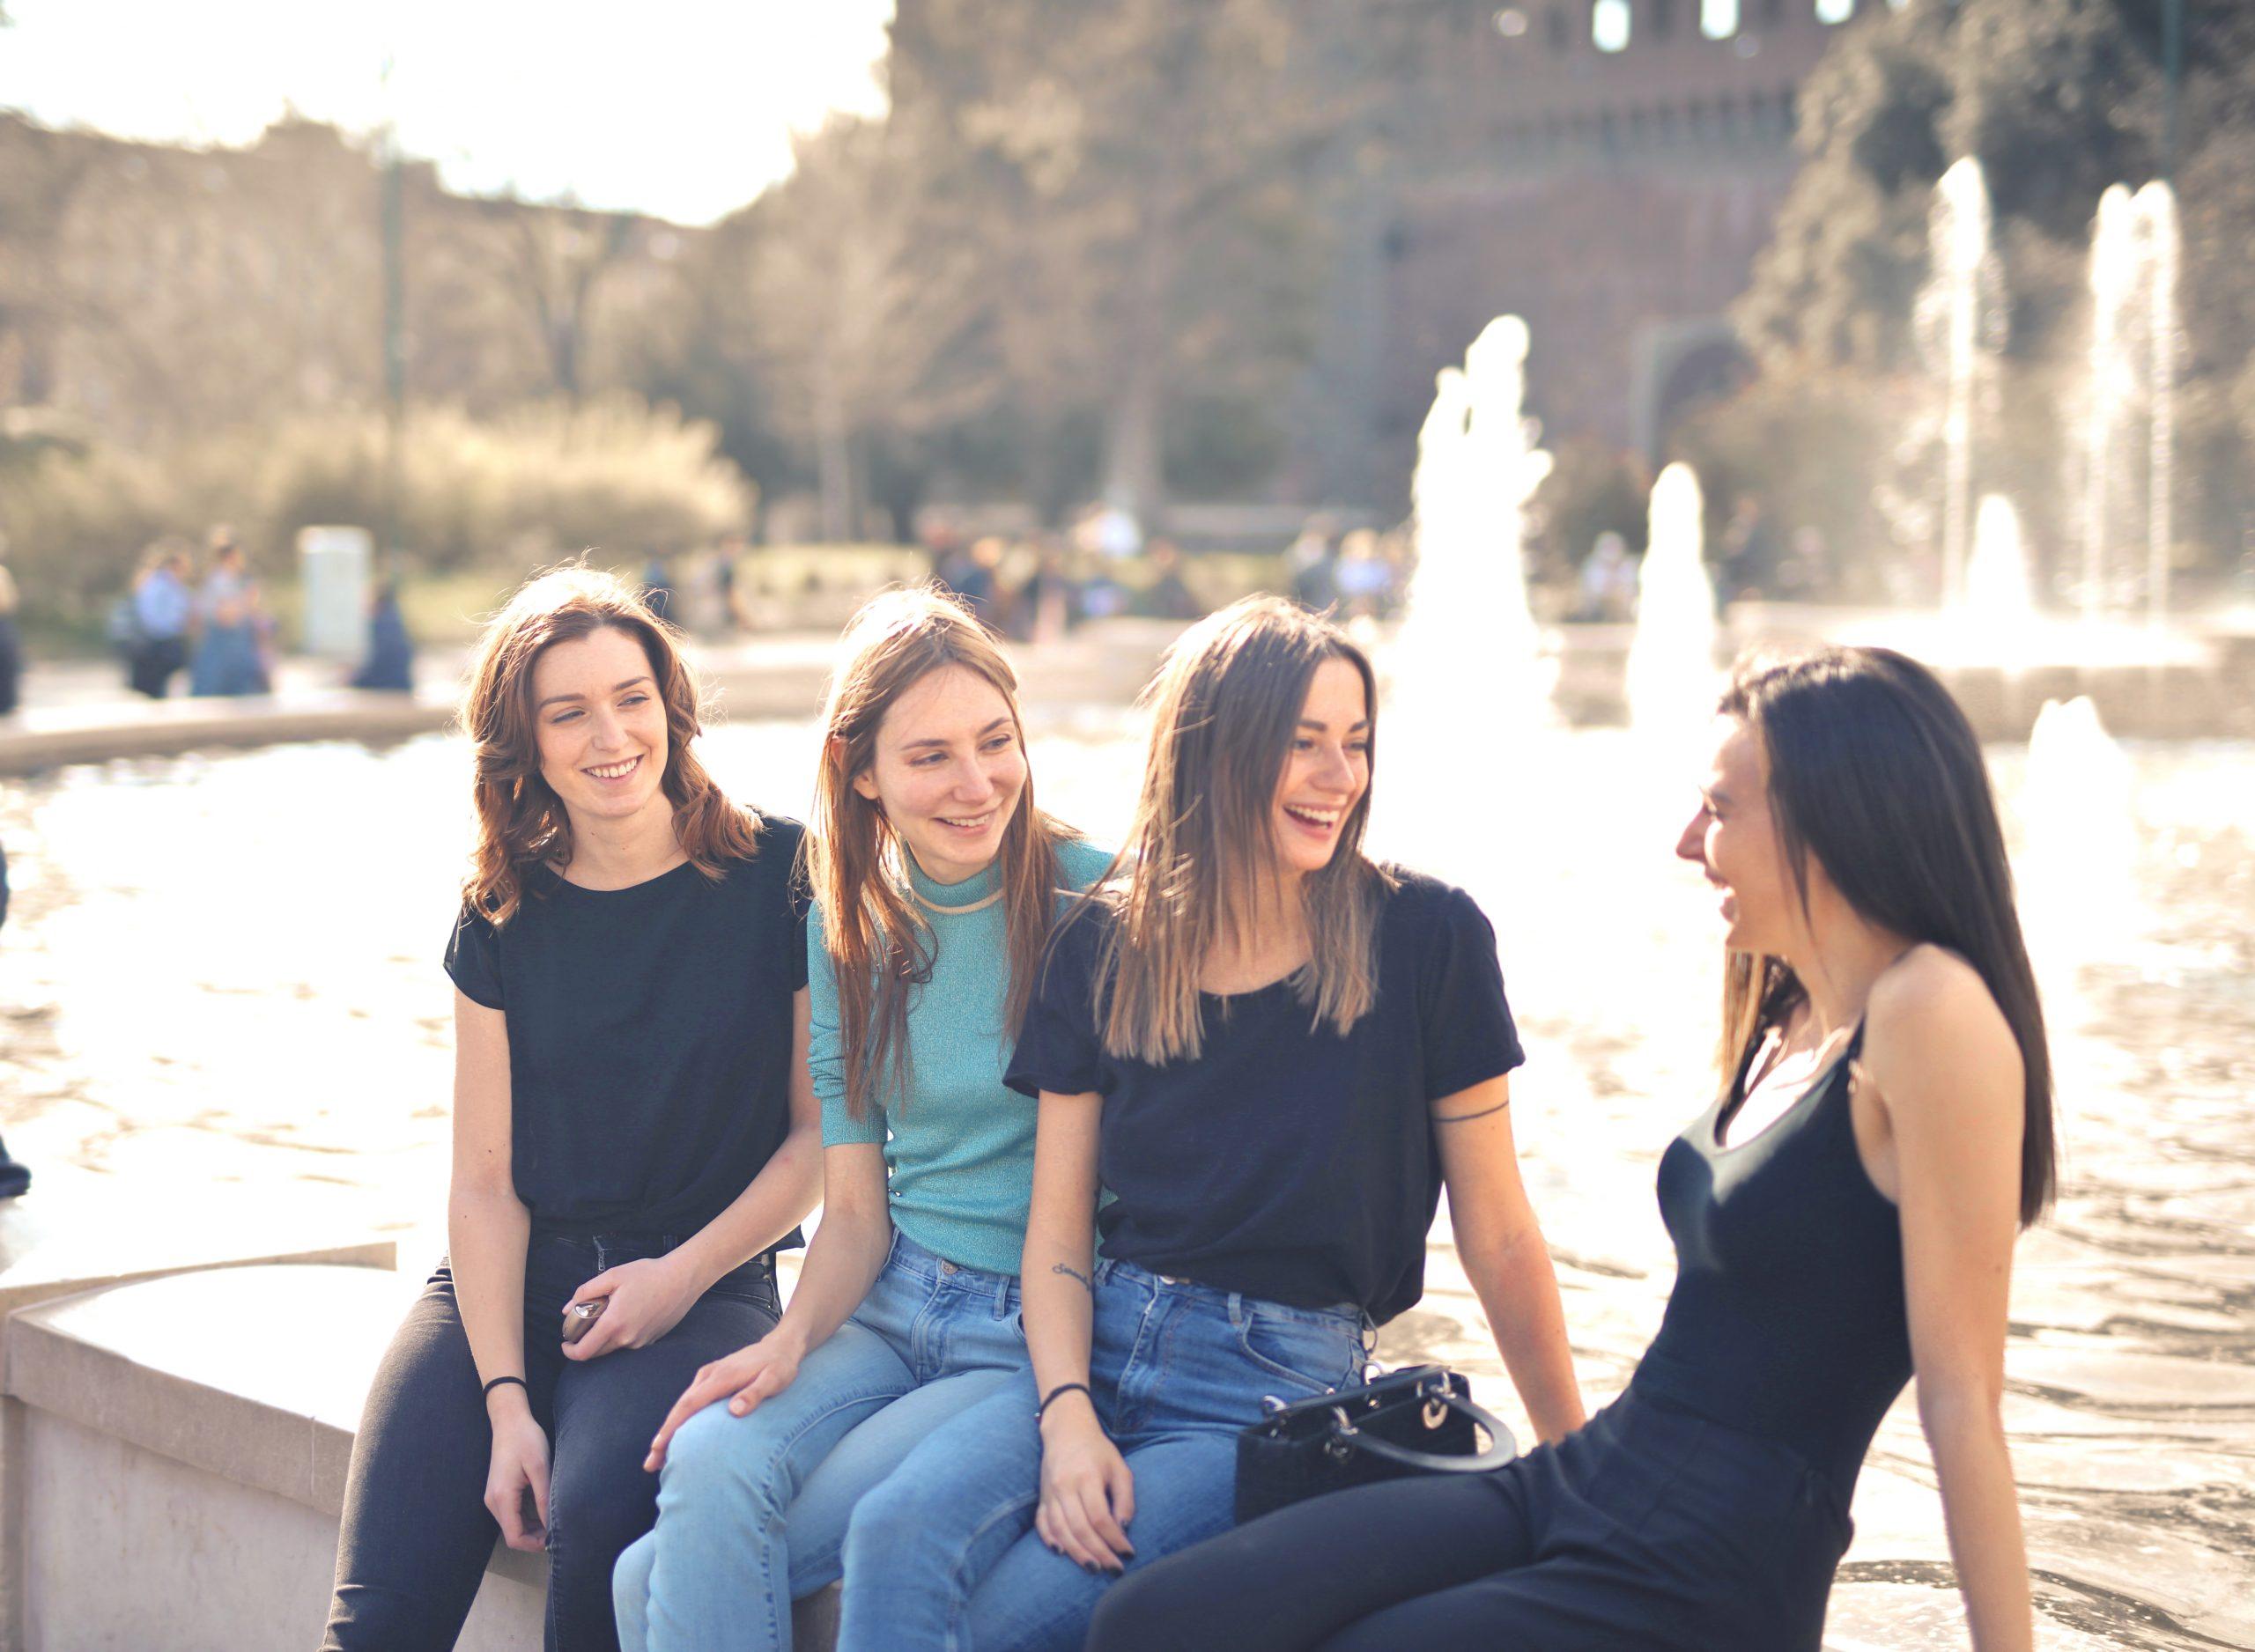 Lachen gegen den Stress mit Freunden